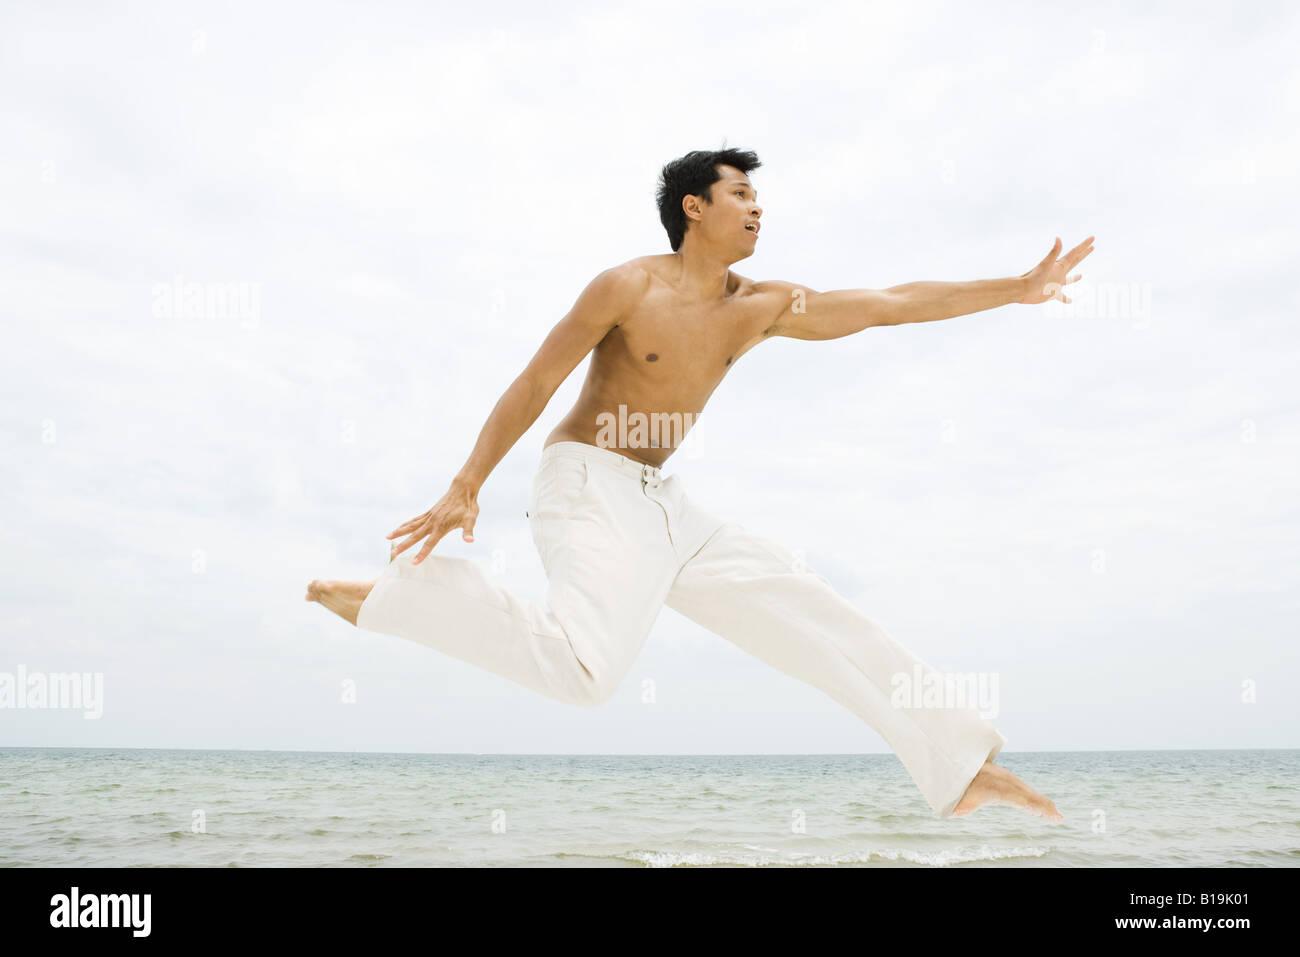 Hombre saltando en el aire, vista lateral, el océano en segundo plano. Imagen De Stock